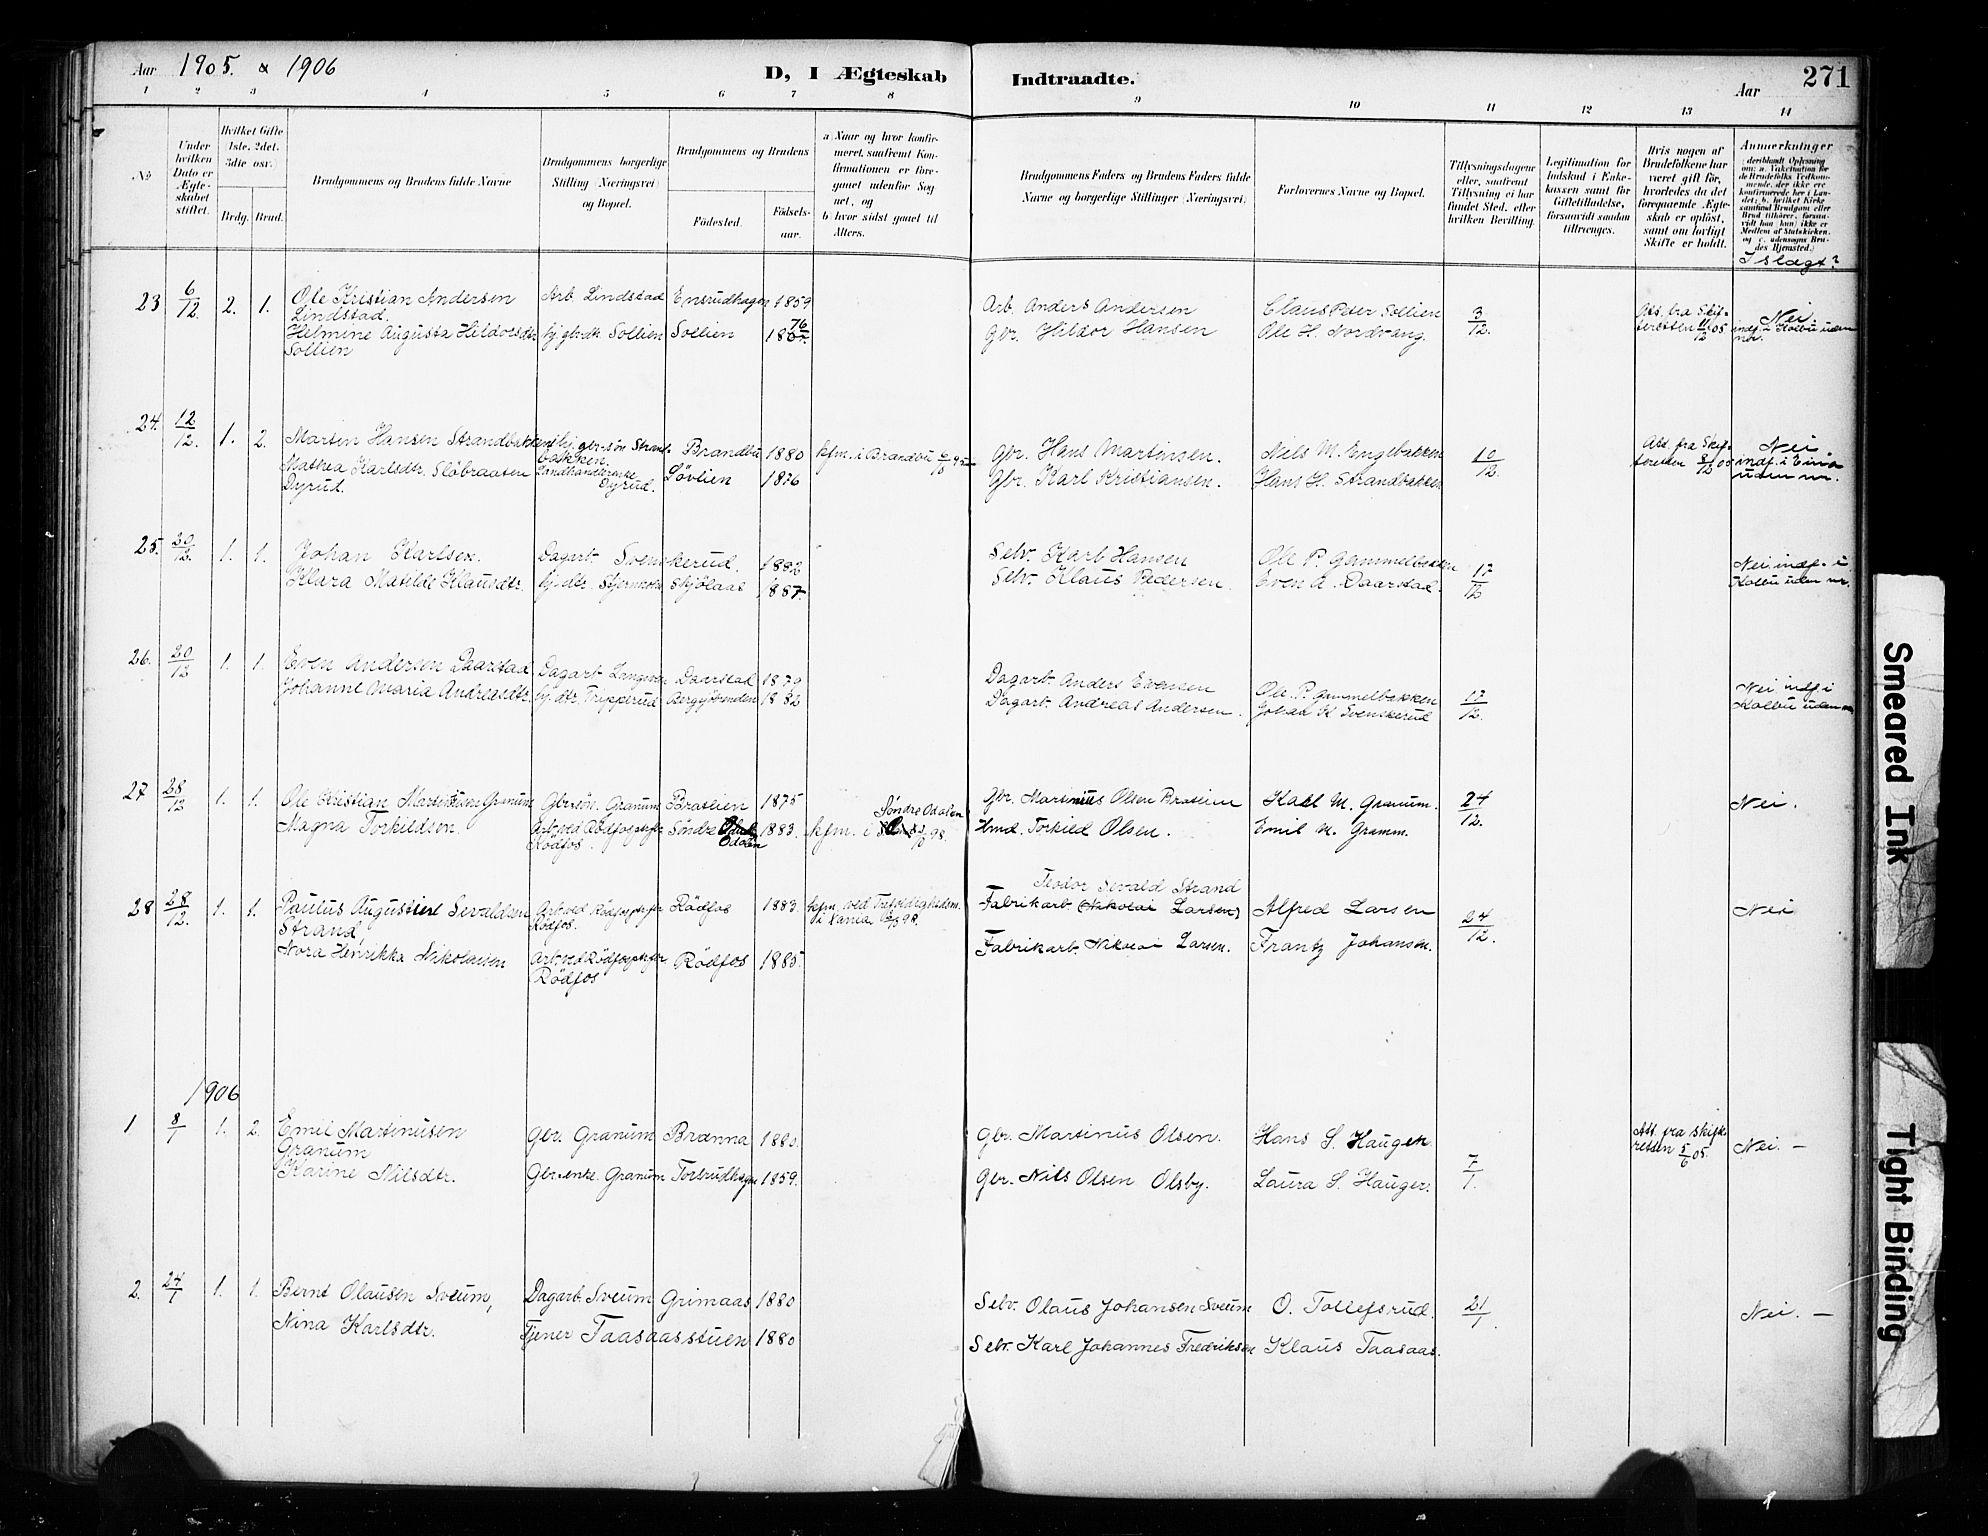 SAH, Vestre Toten prestekontor, Ministerialbok nr. 11, 1895-1906, s. 271